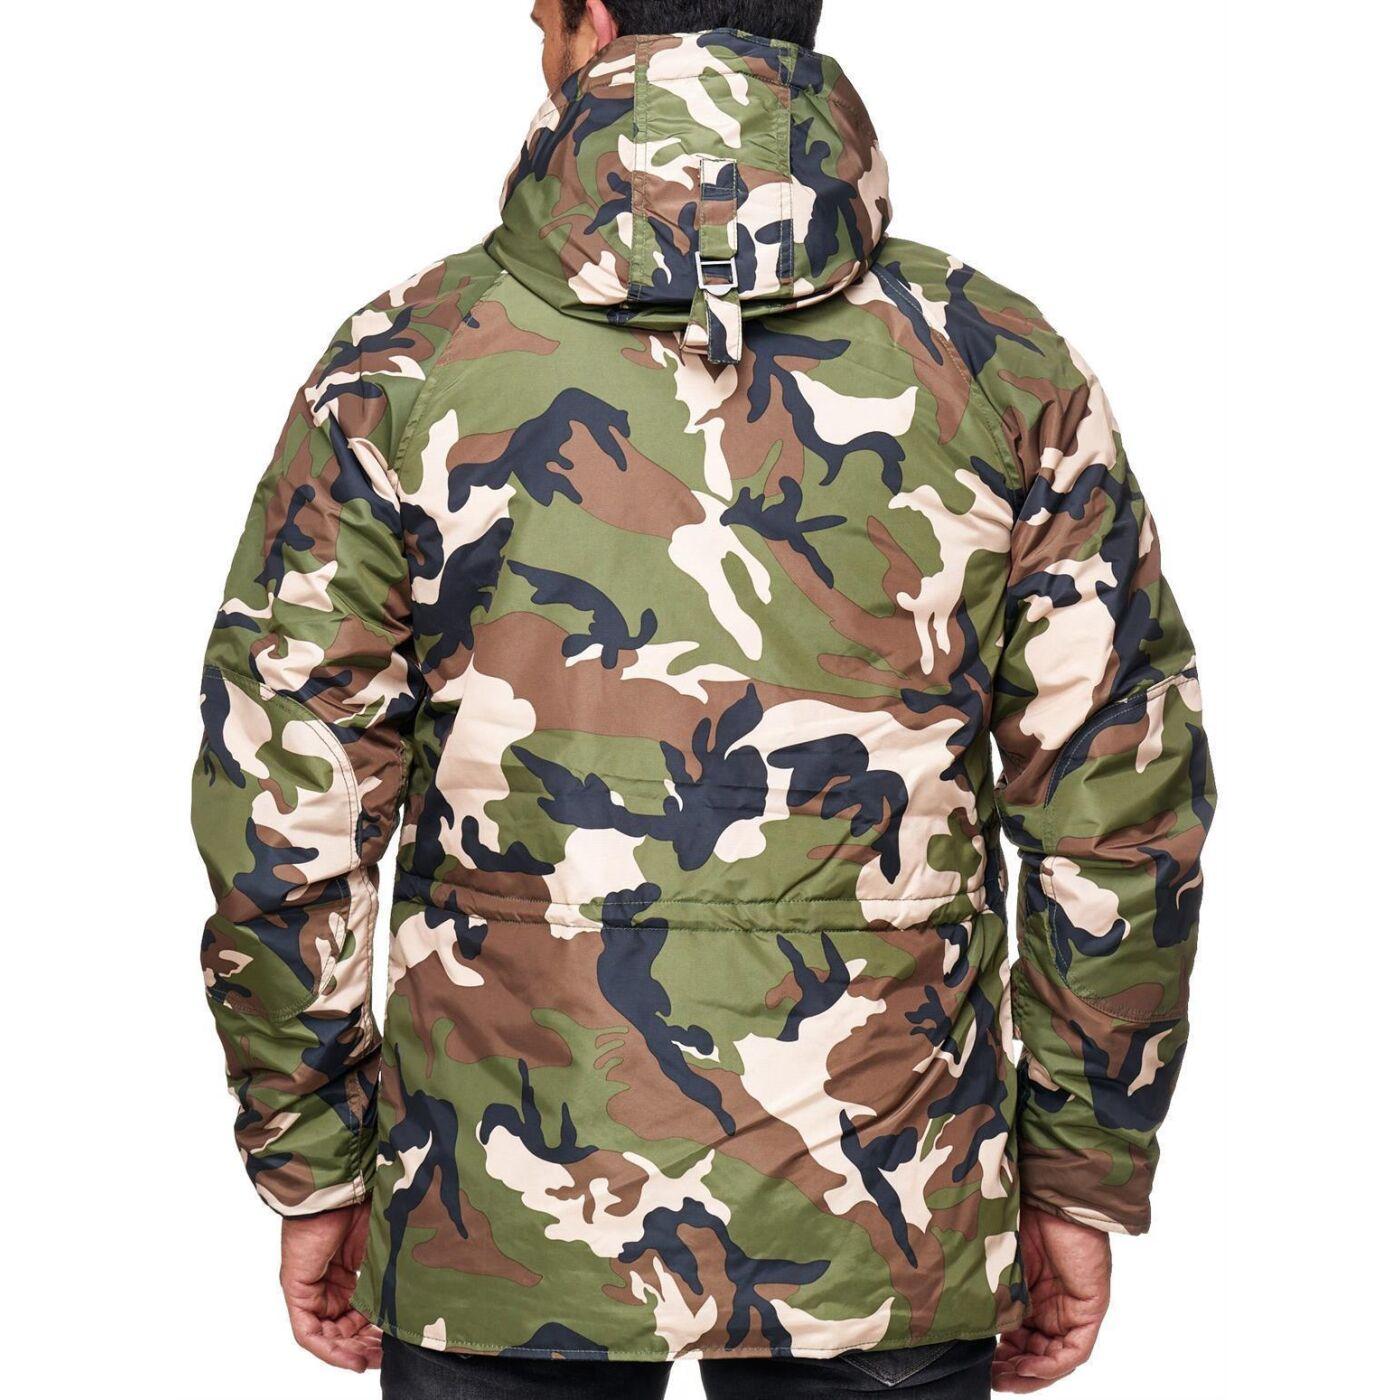 redbridge herren winterjacke jacke parka camouflage mantel. Black Bedroom Furniture Sets. Home Design Ideas